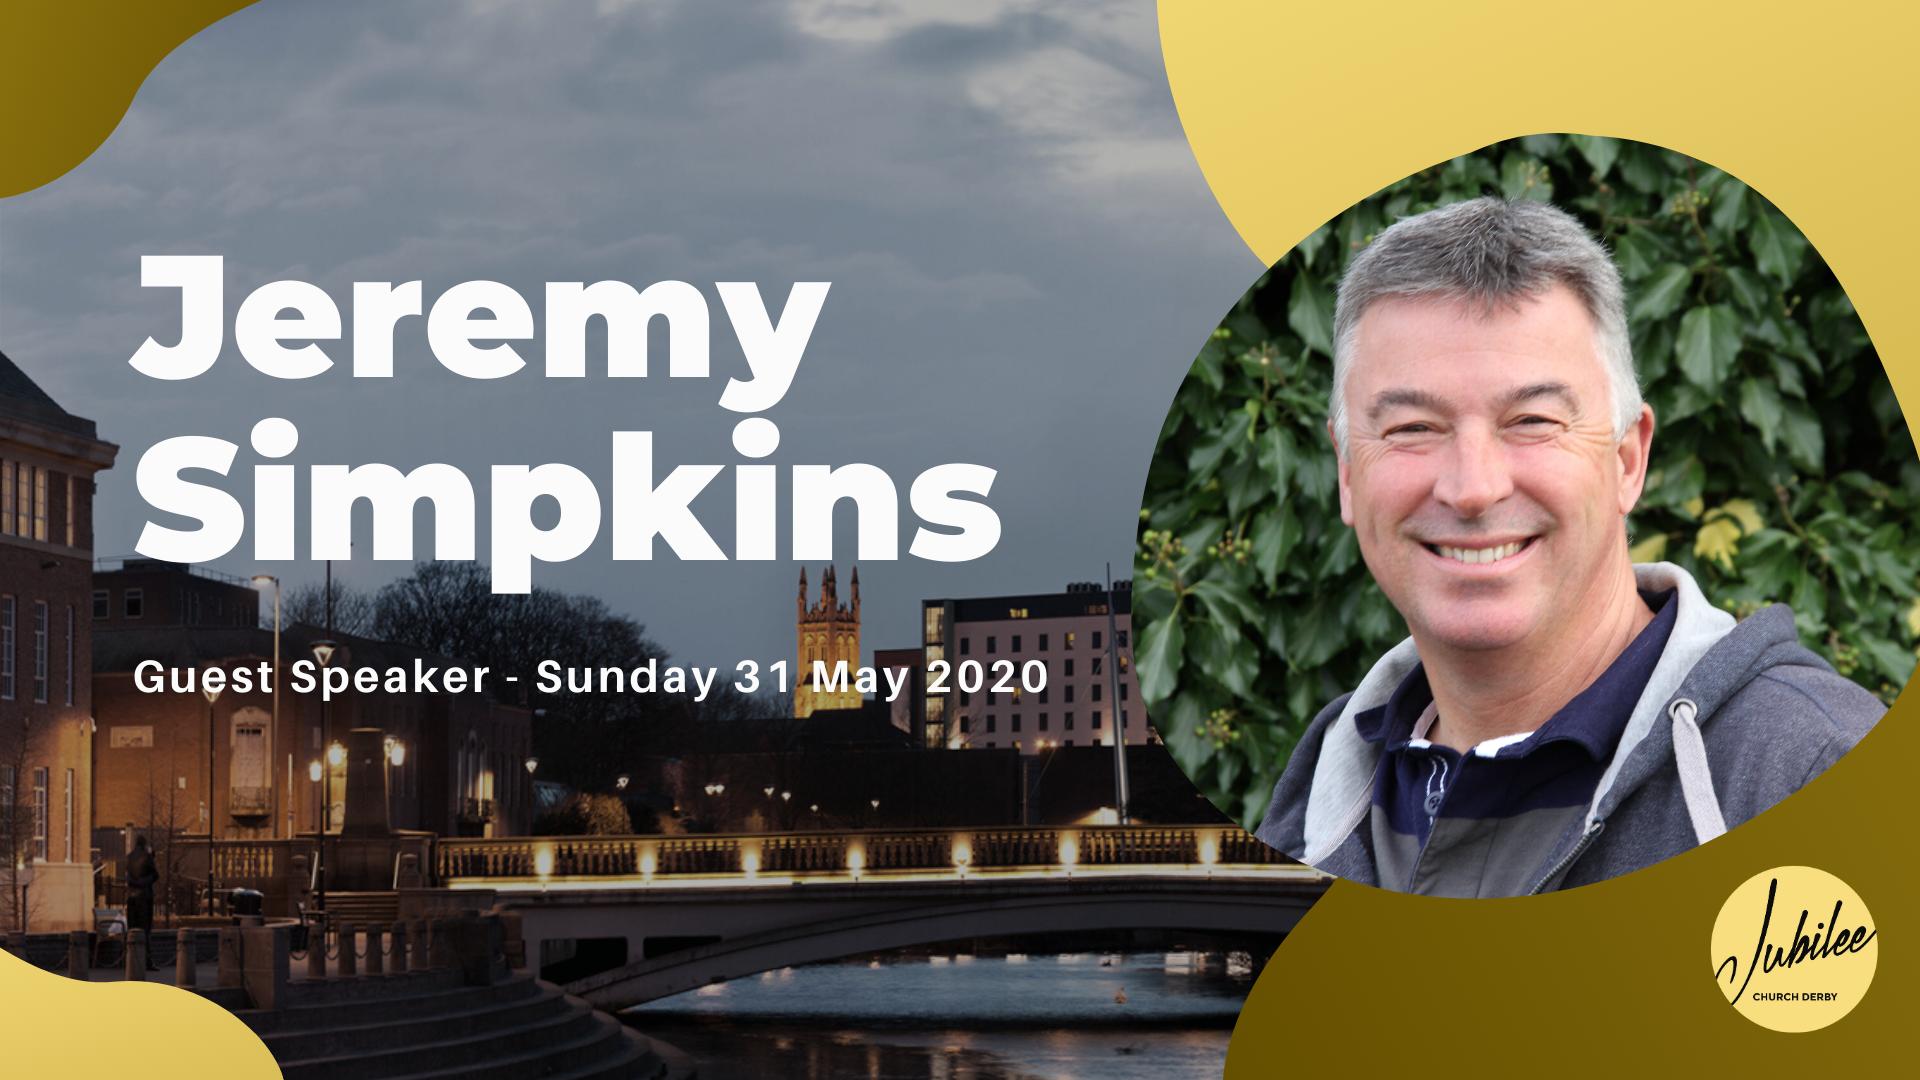 Jeremy Simpkins